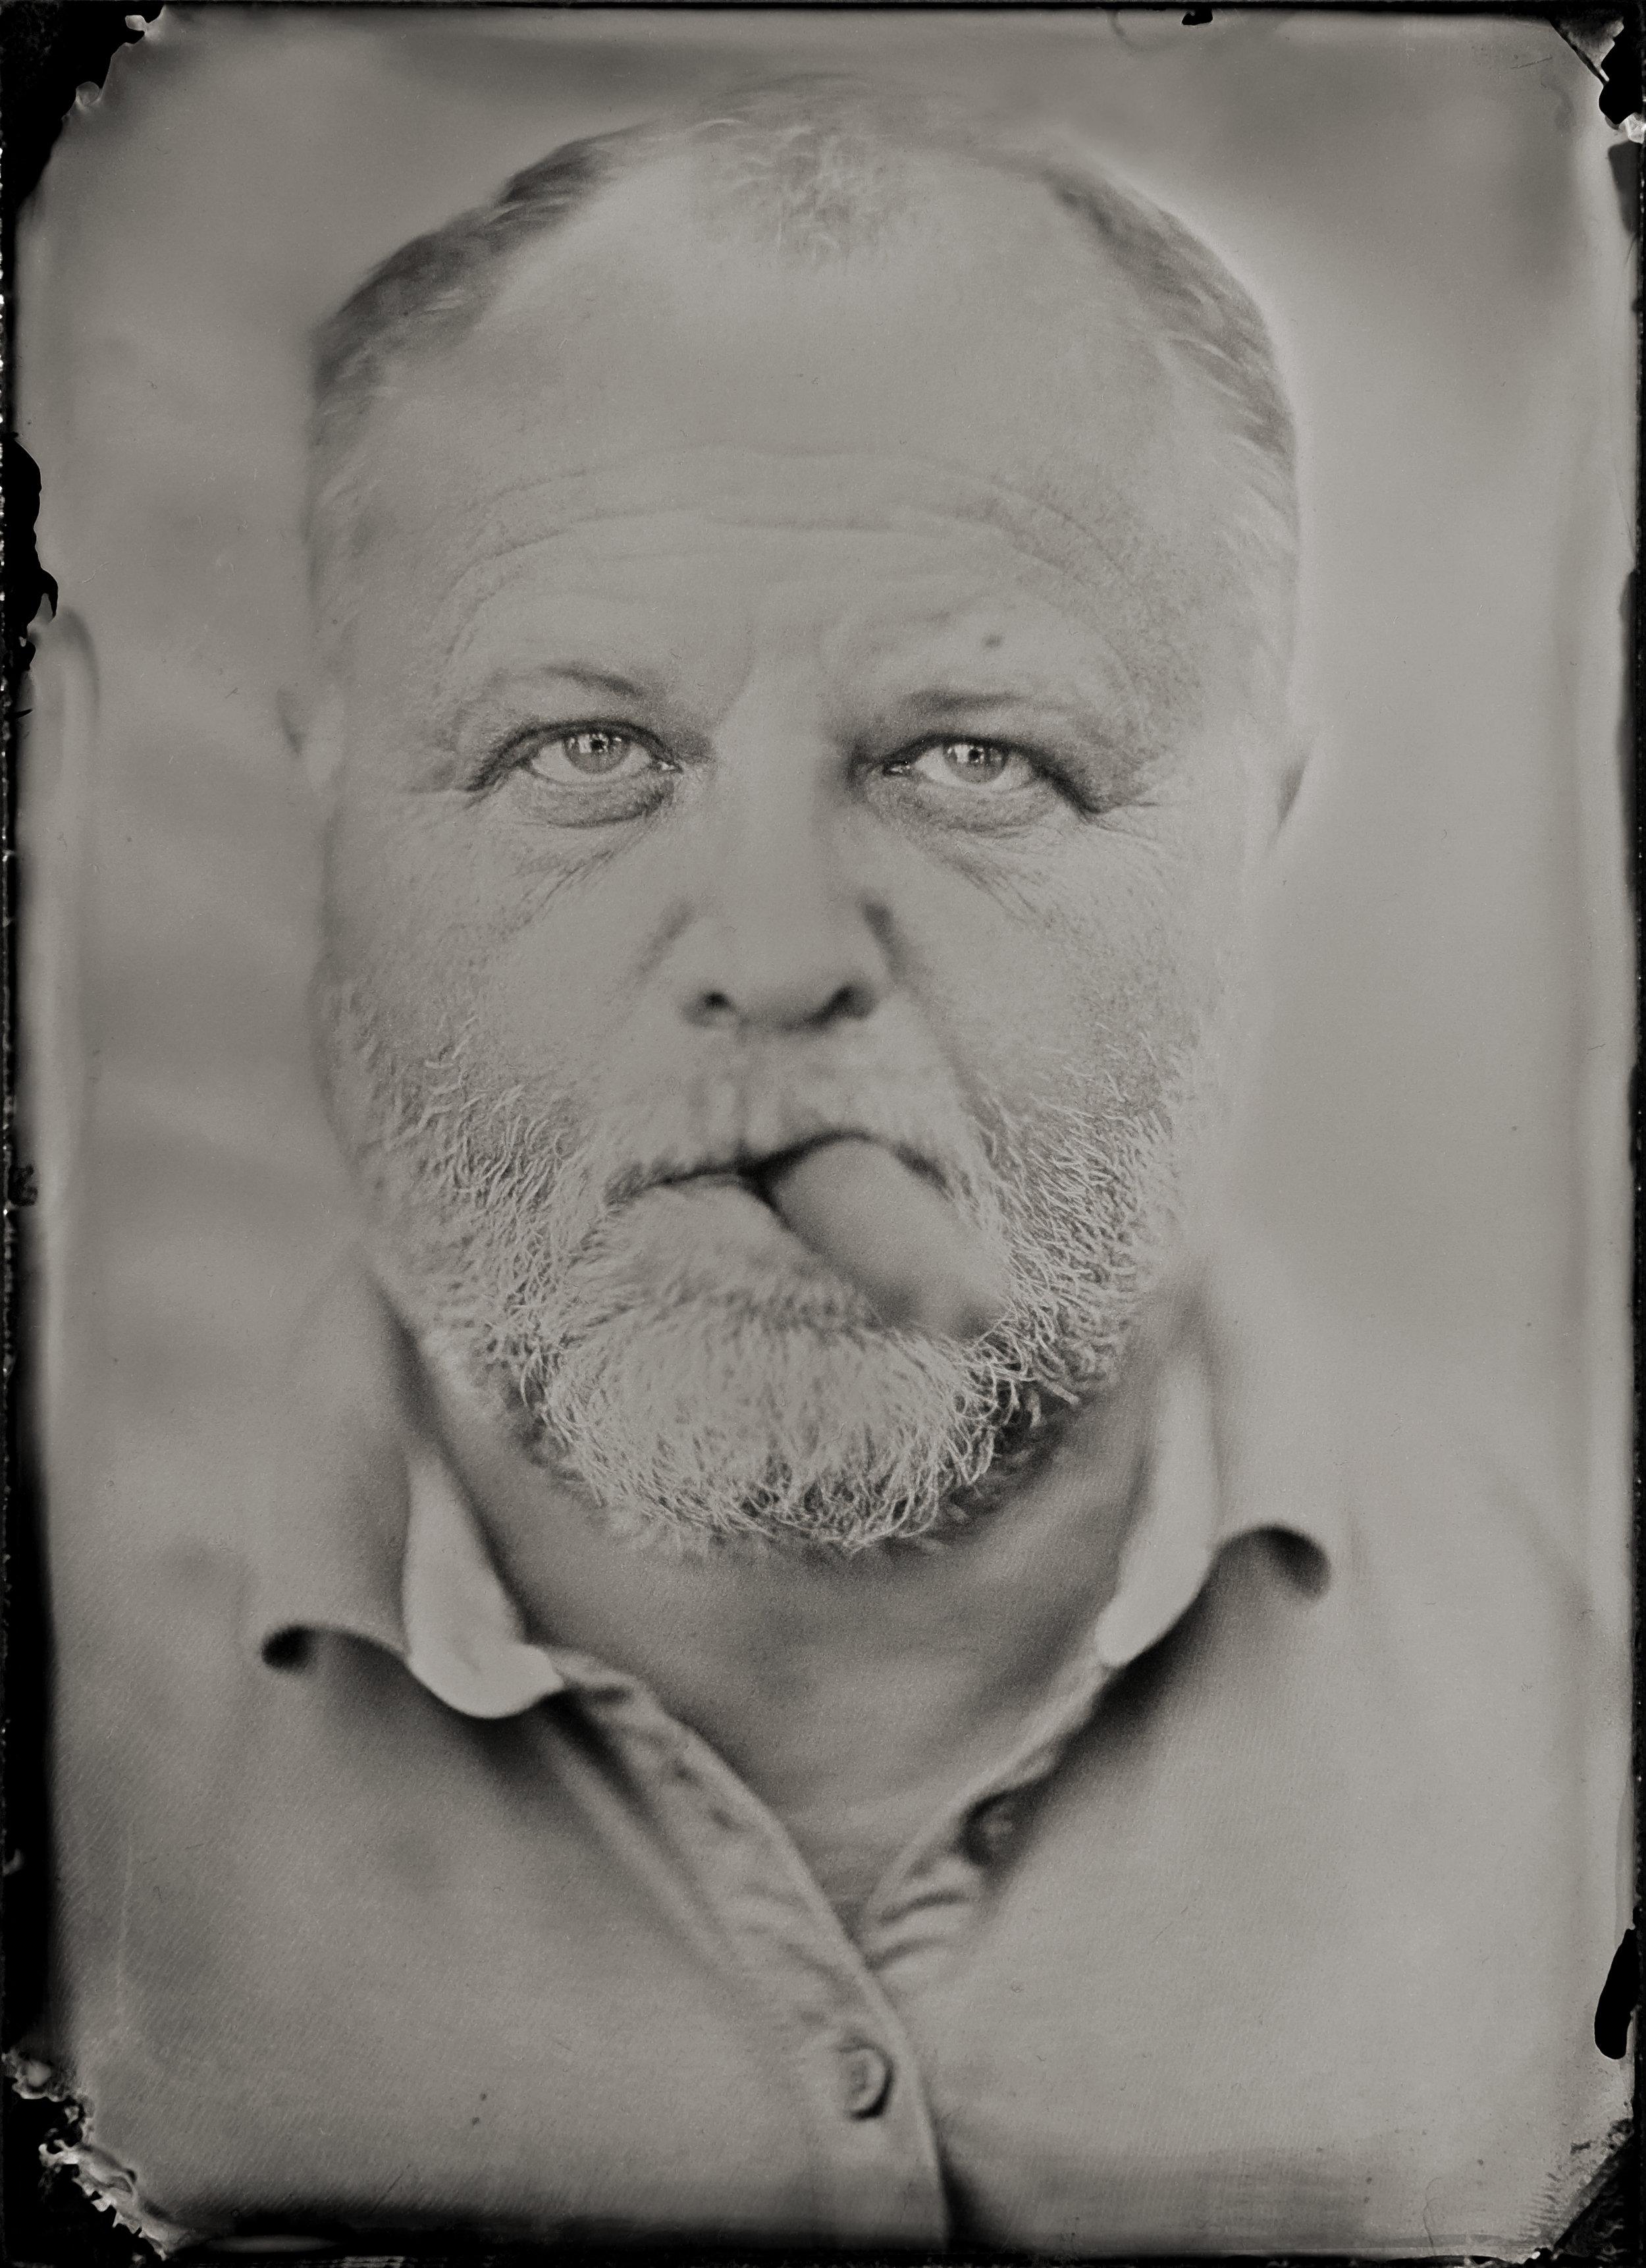 Eric Berger by Stefan Sappert